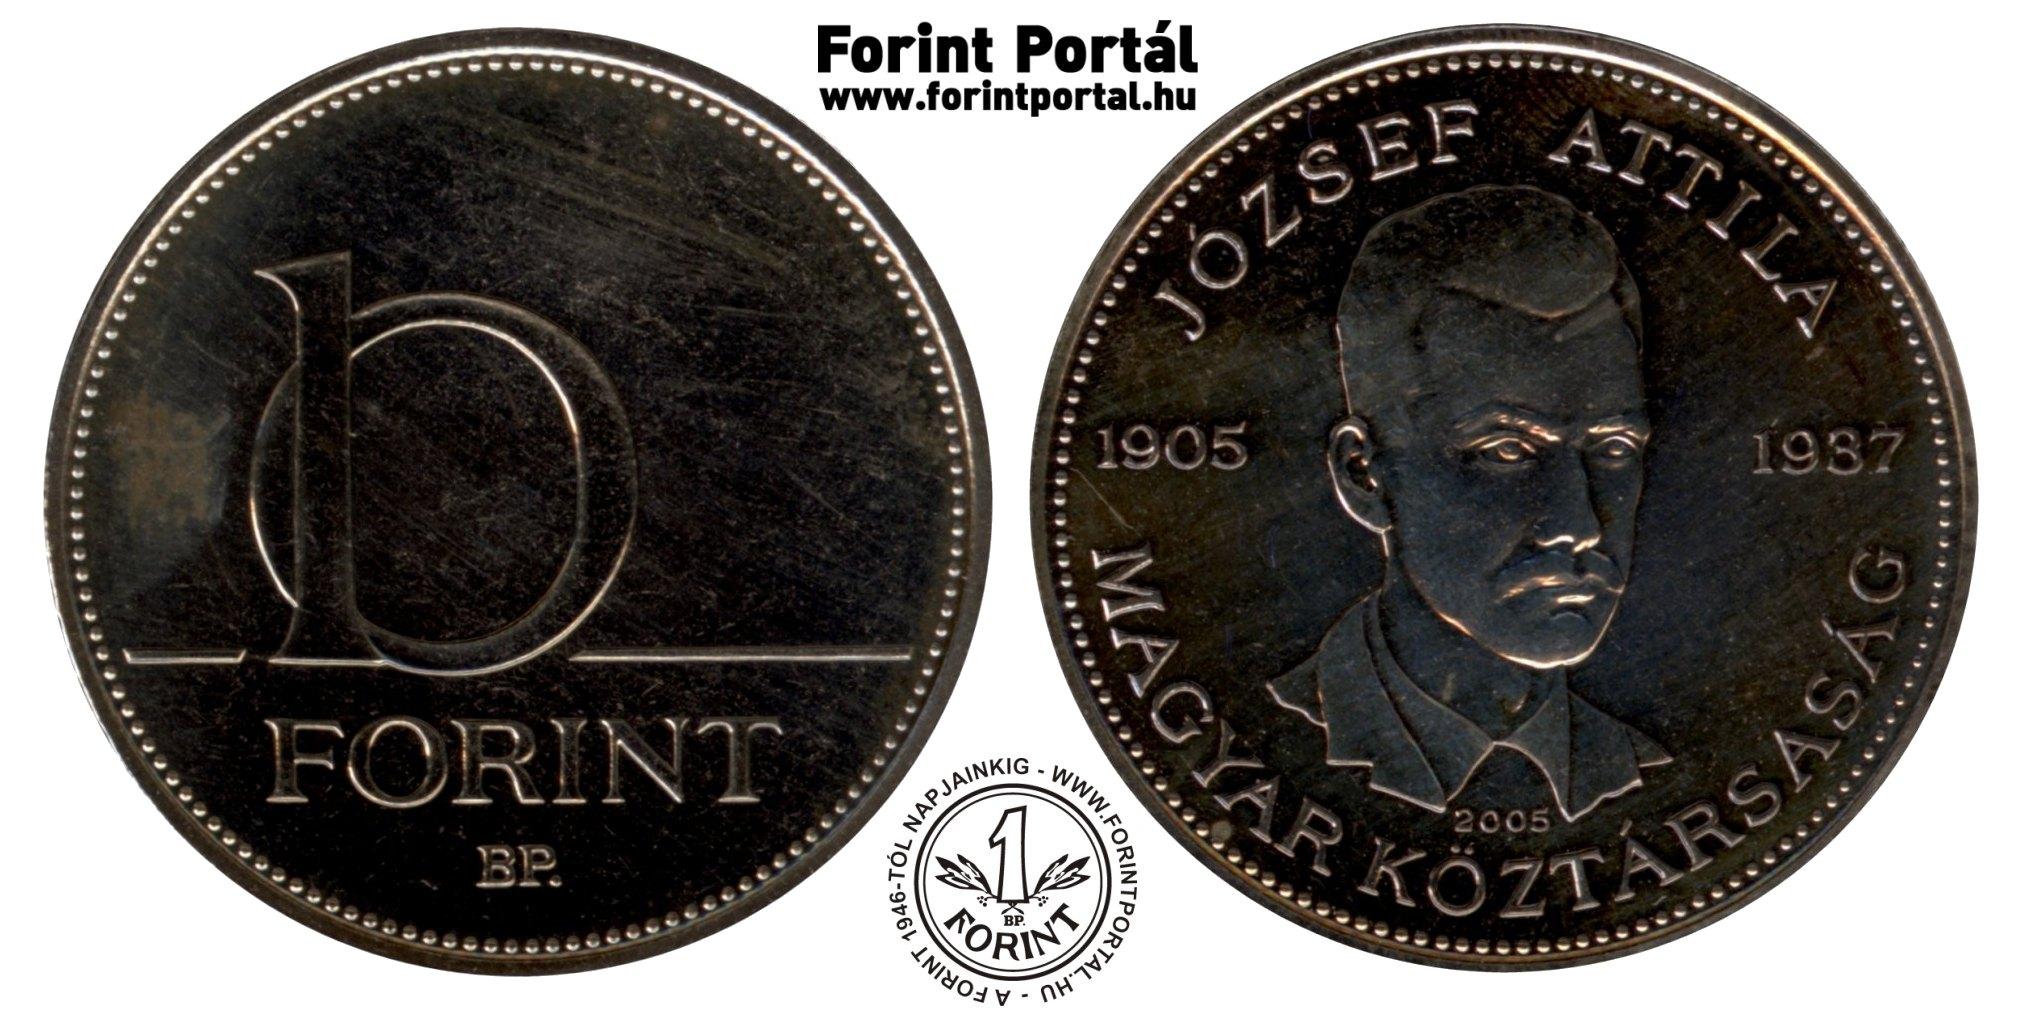 http://www.forintportal.hu/ritkasagkatalogus/10_forint/www_forintportal_hu_2005_10forint_jozsef_attila_bu.jpg